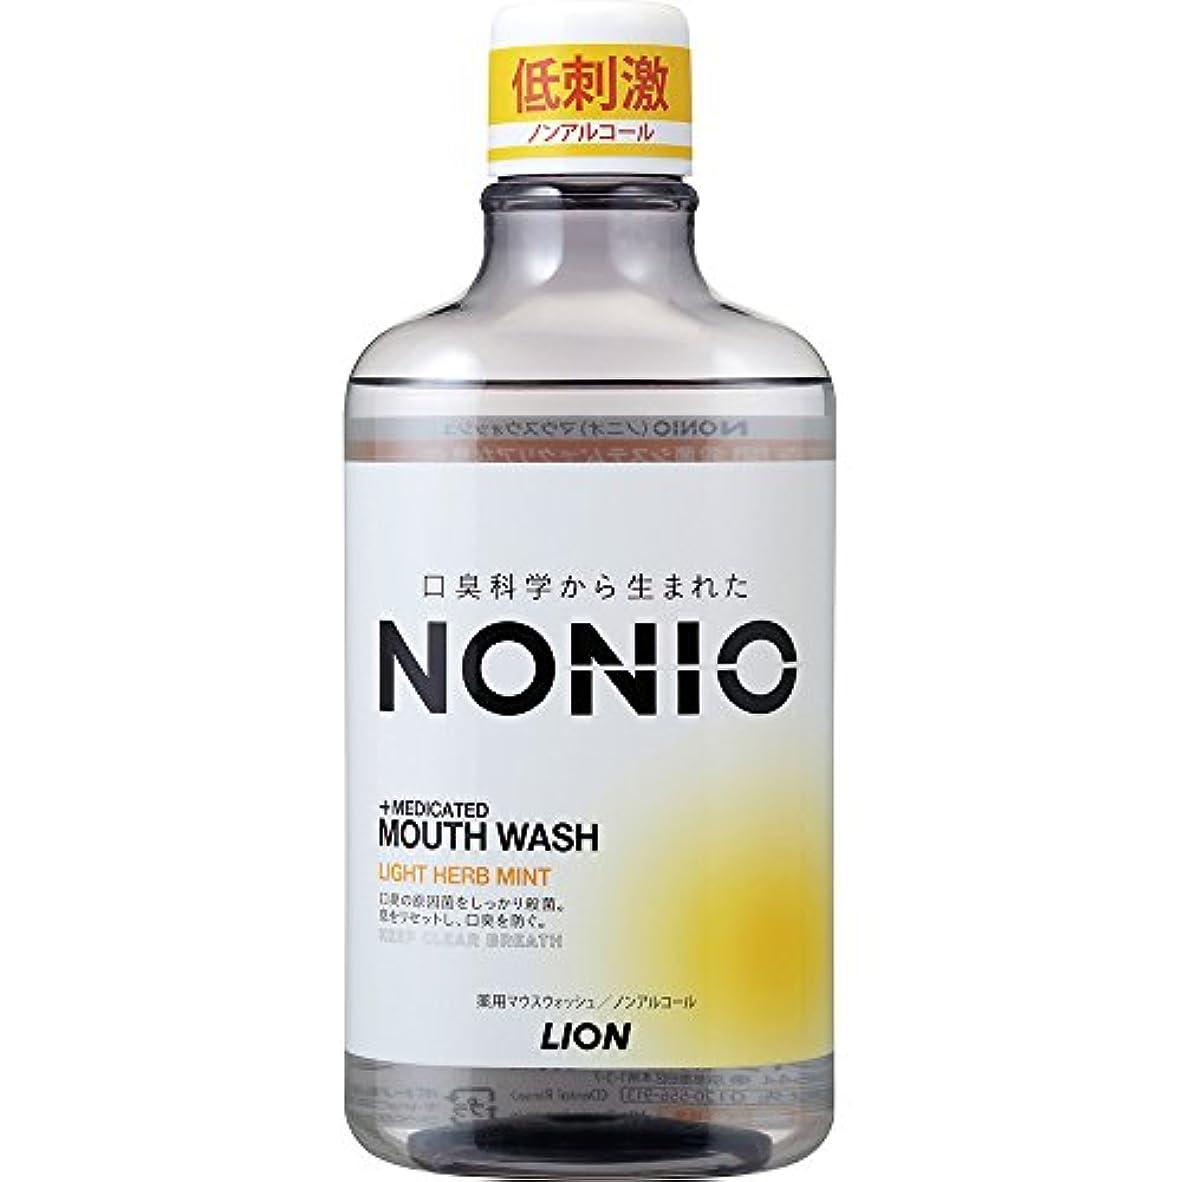 クマノミ危険征服者[医薬部外品]NONIO マウスウォッシュ ノンアルコール ライトハーブミント 600ml 洗口液